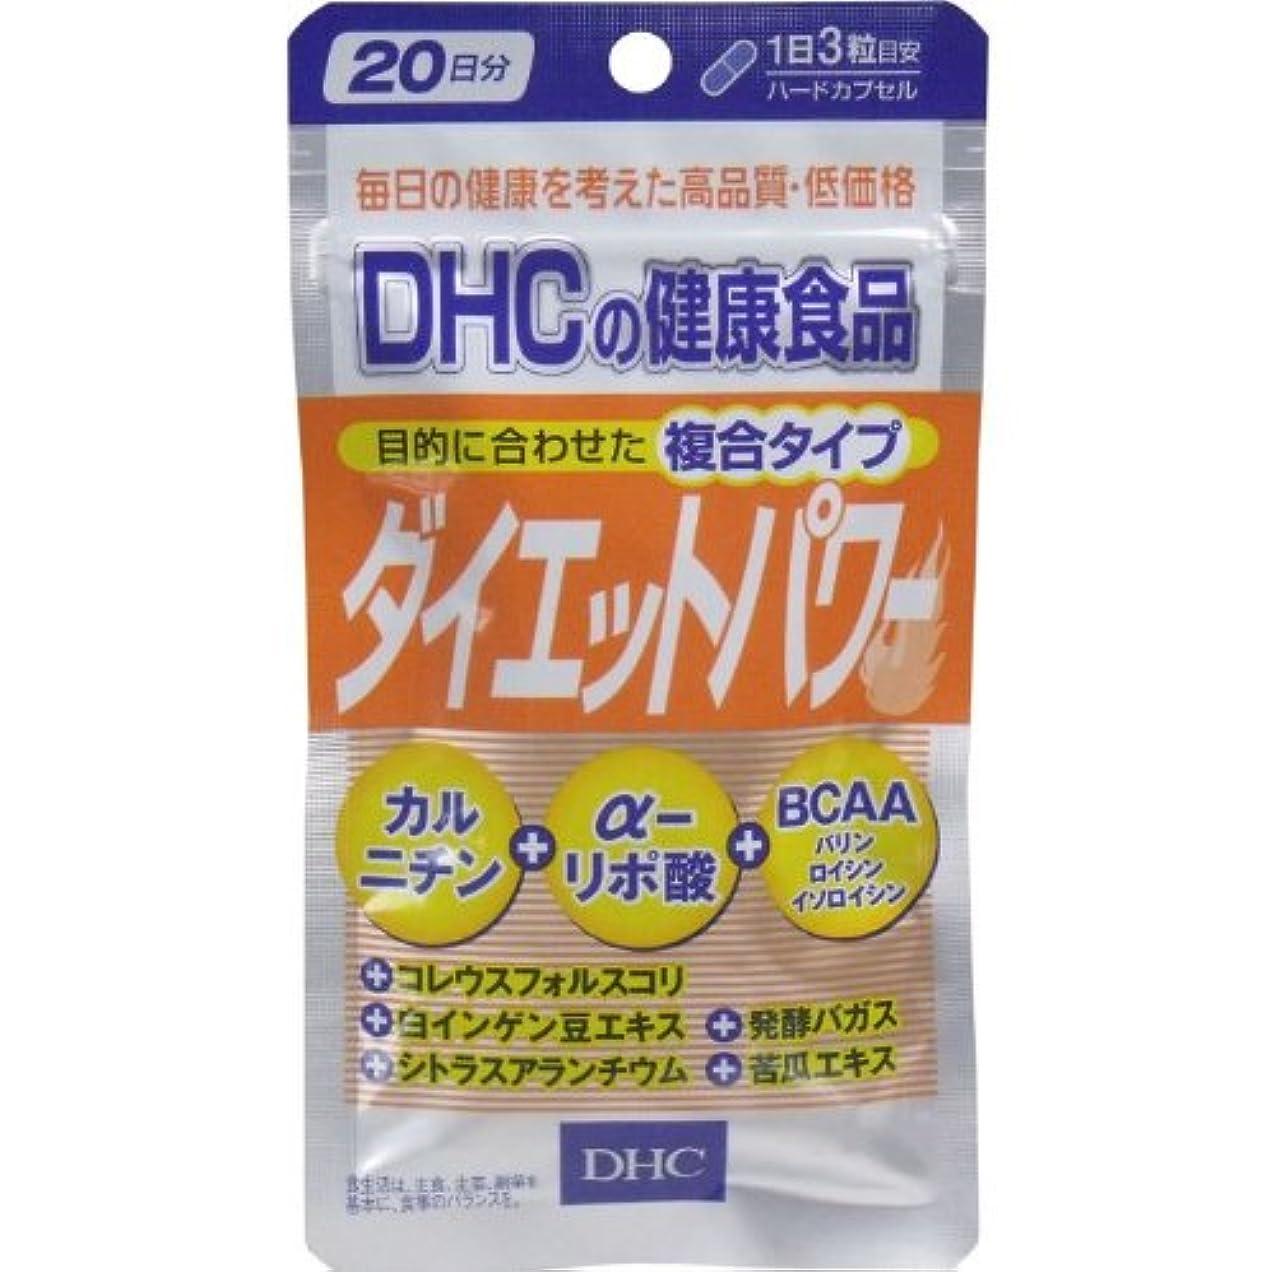 代数咽頭失望DHC ダイエットパワー 60粒入 20日分【4個セット】